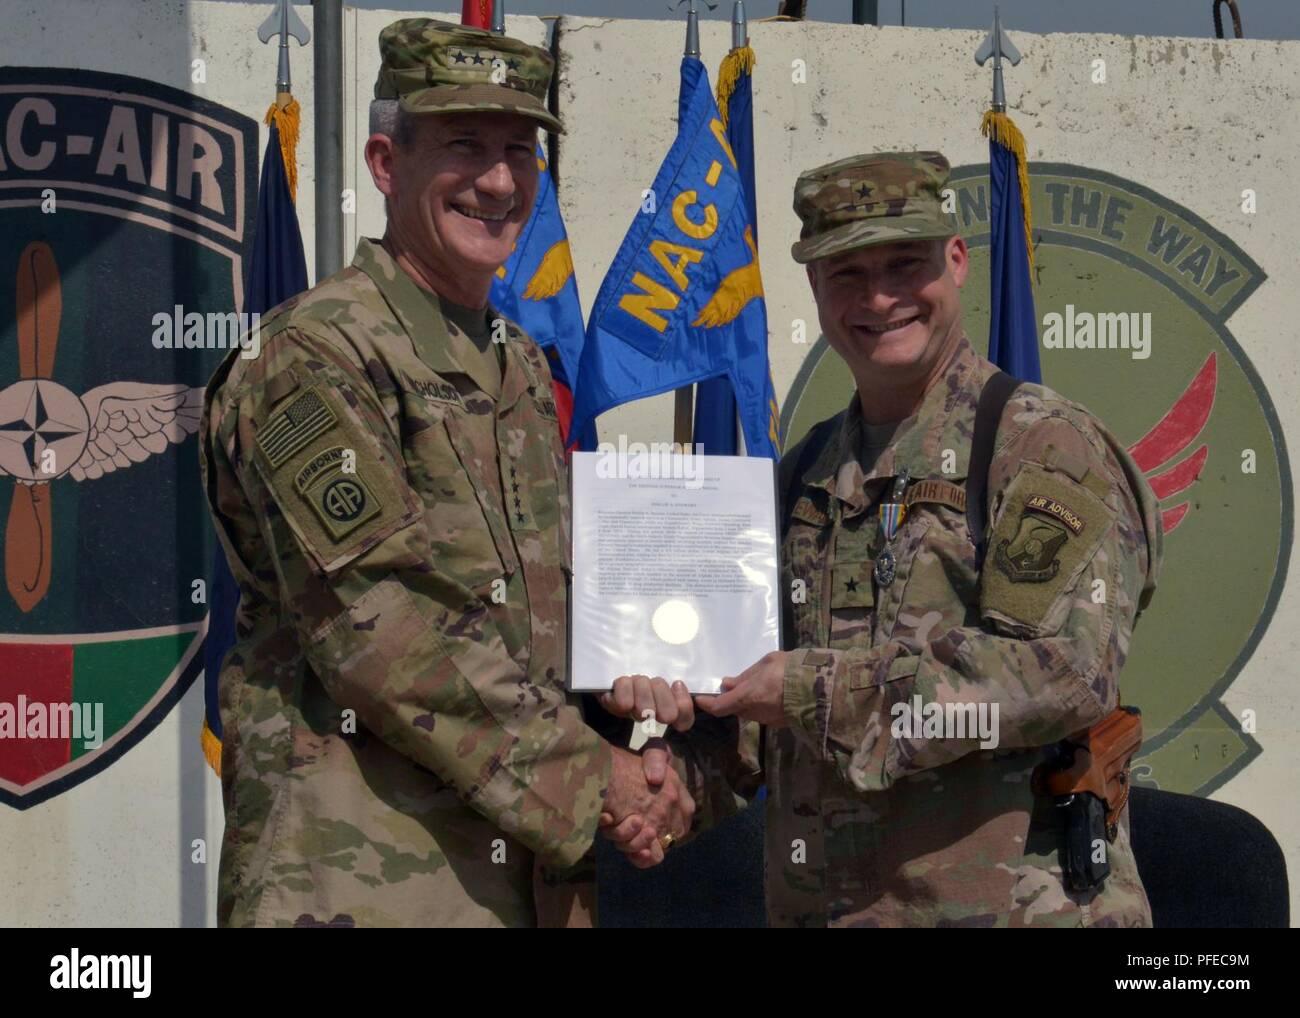 Defense Superior Service Medal Stock Photos & Defense